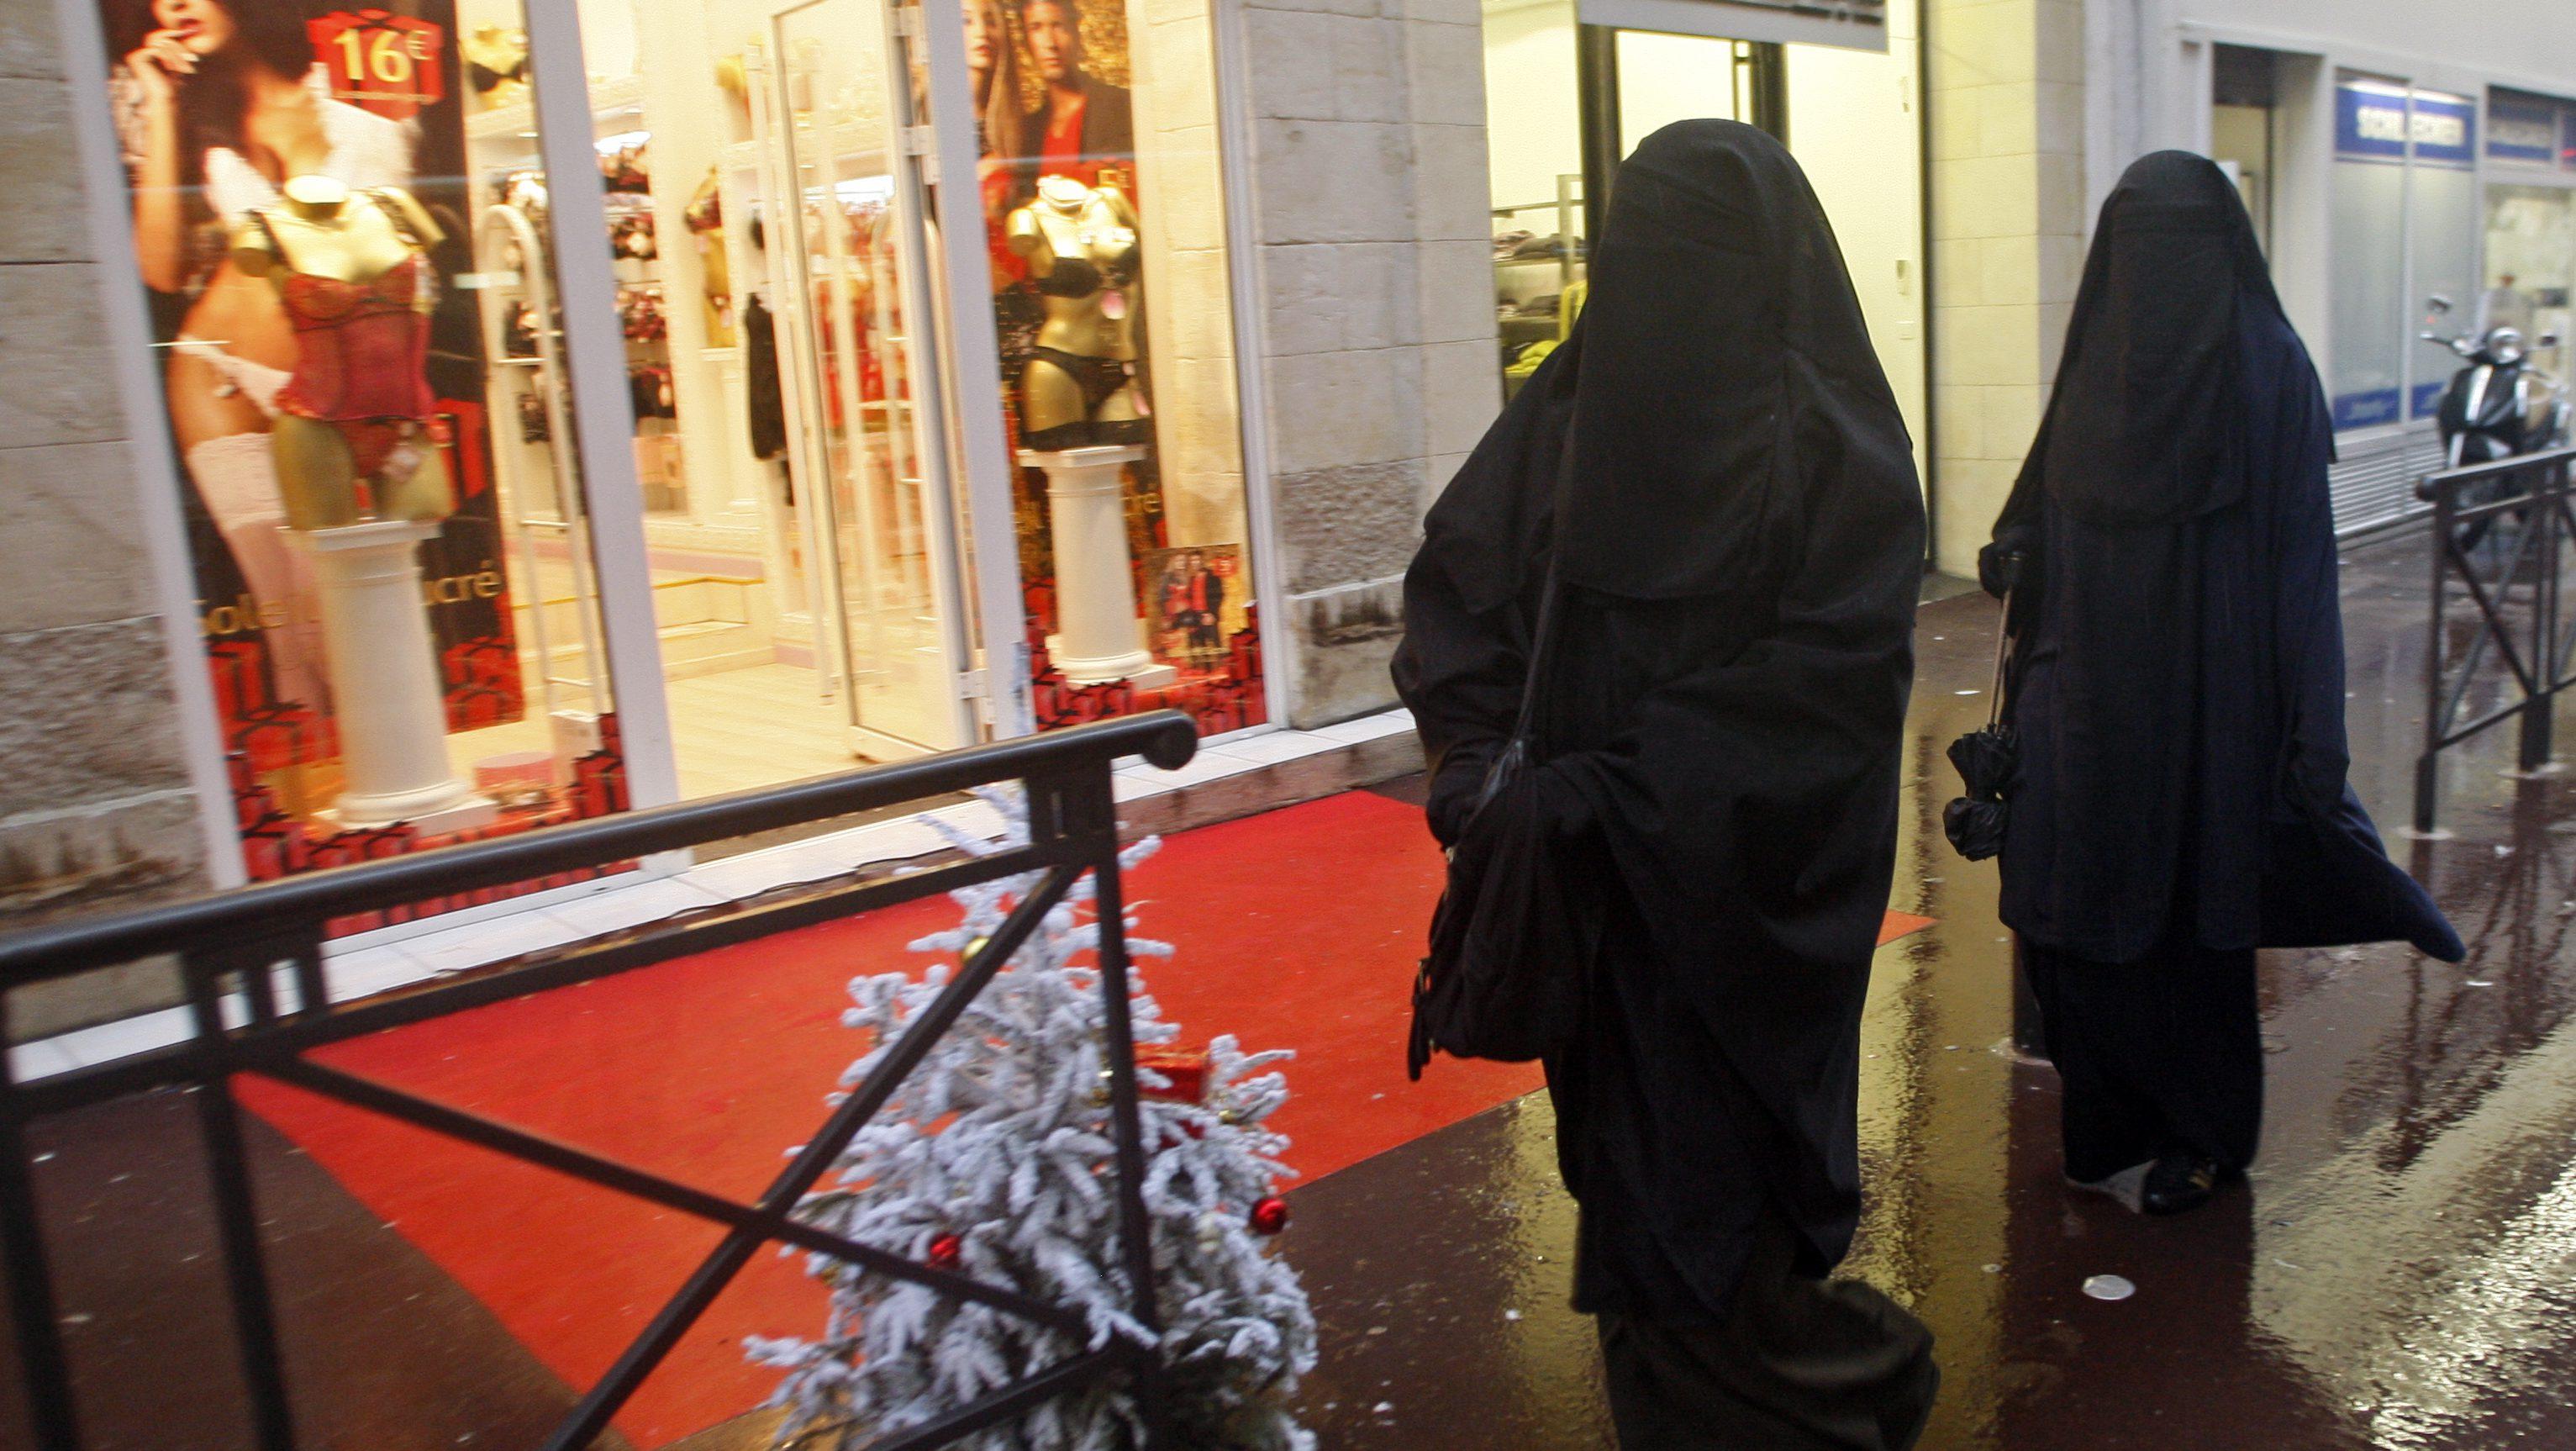 Women wearing niqabs walk past shops on the street in Marseille December 24, 2009.